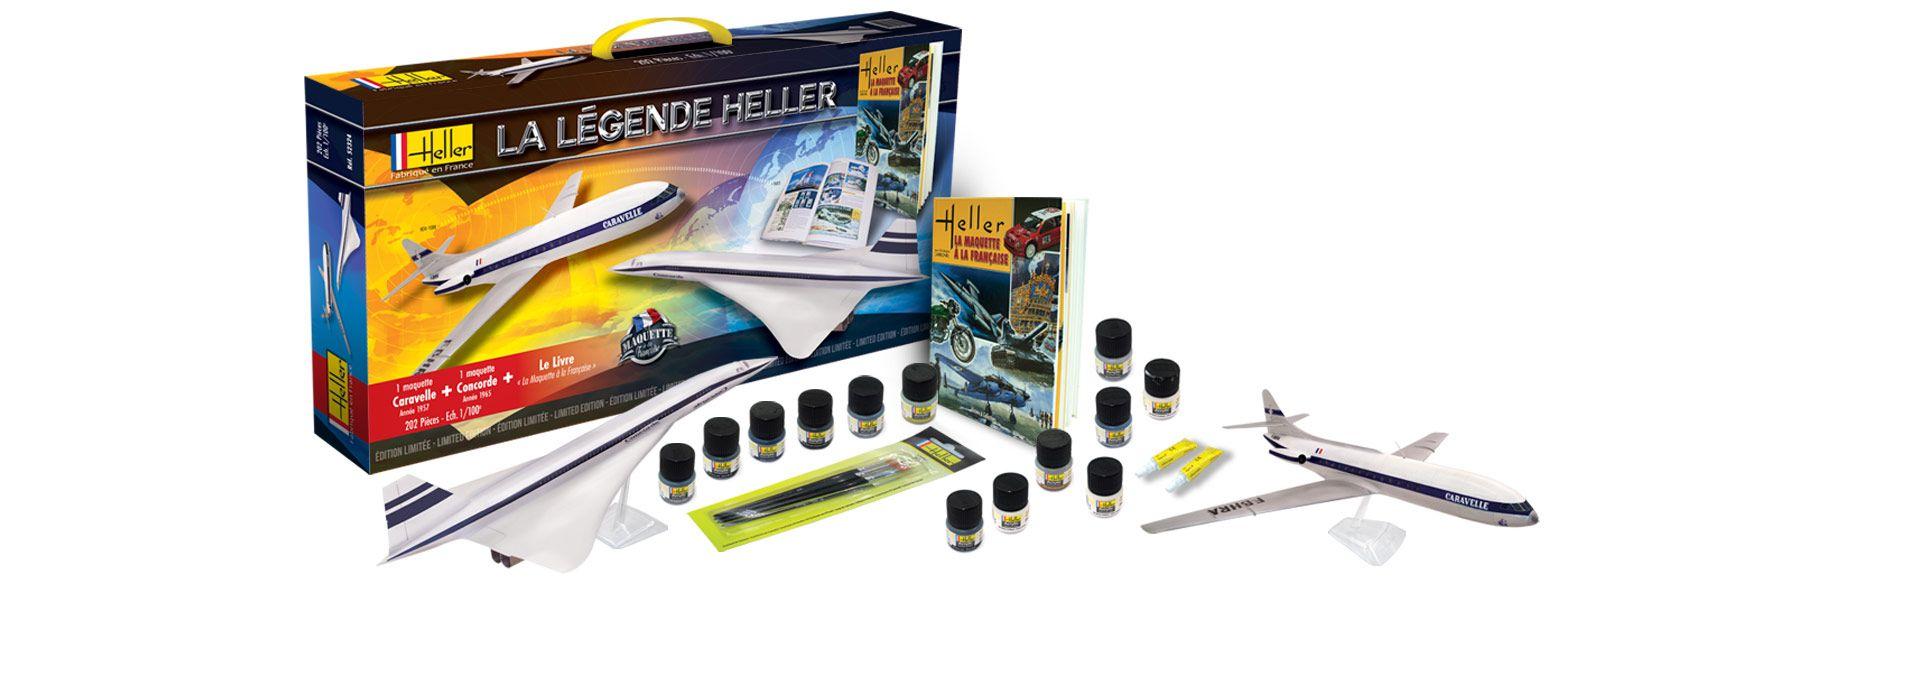 Maquetas Heller kits y pinturas